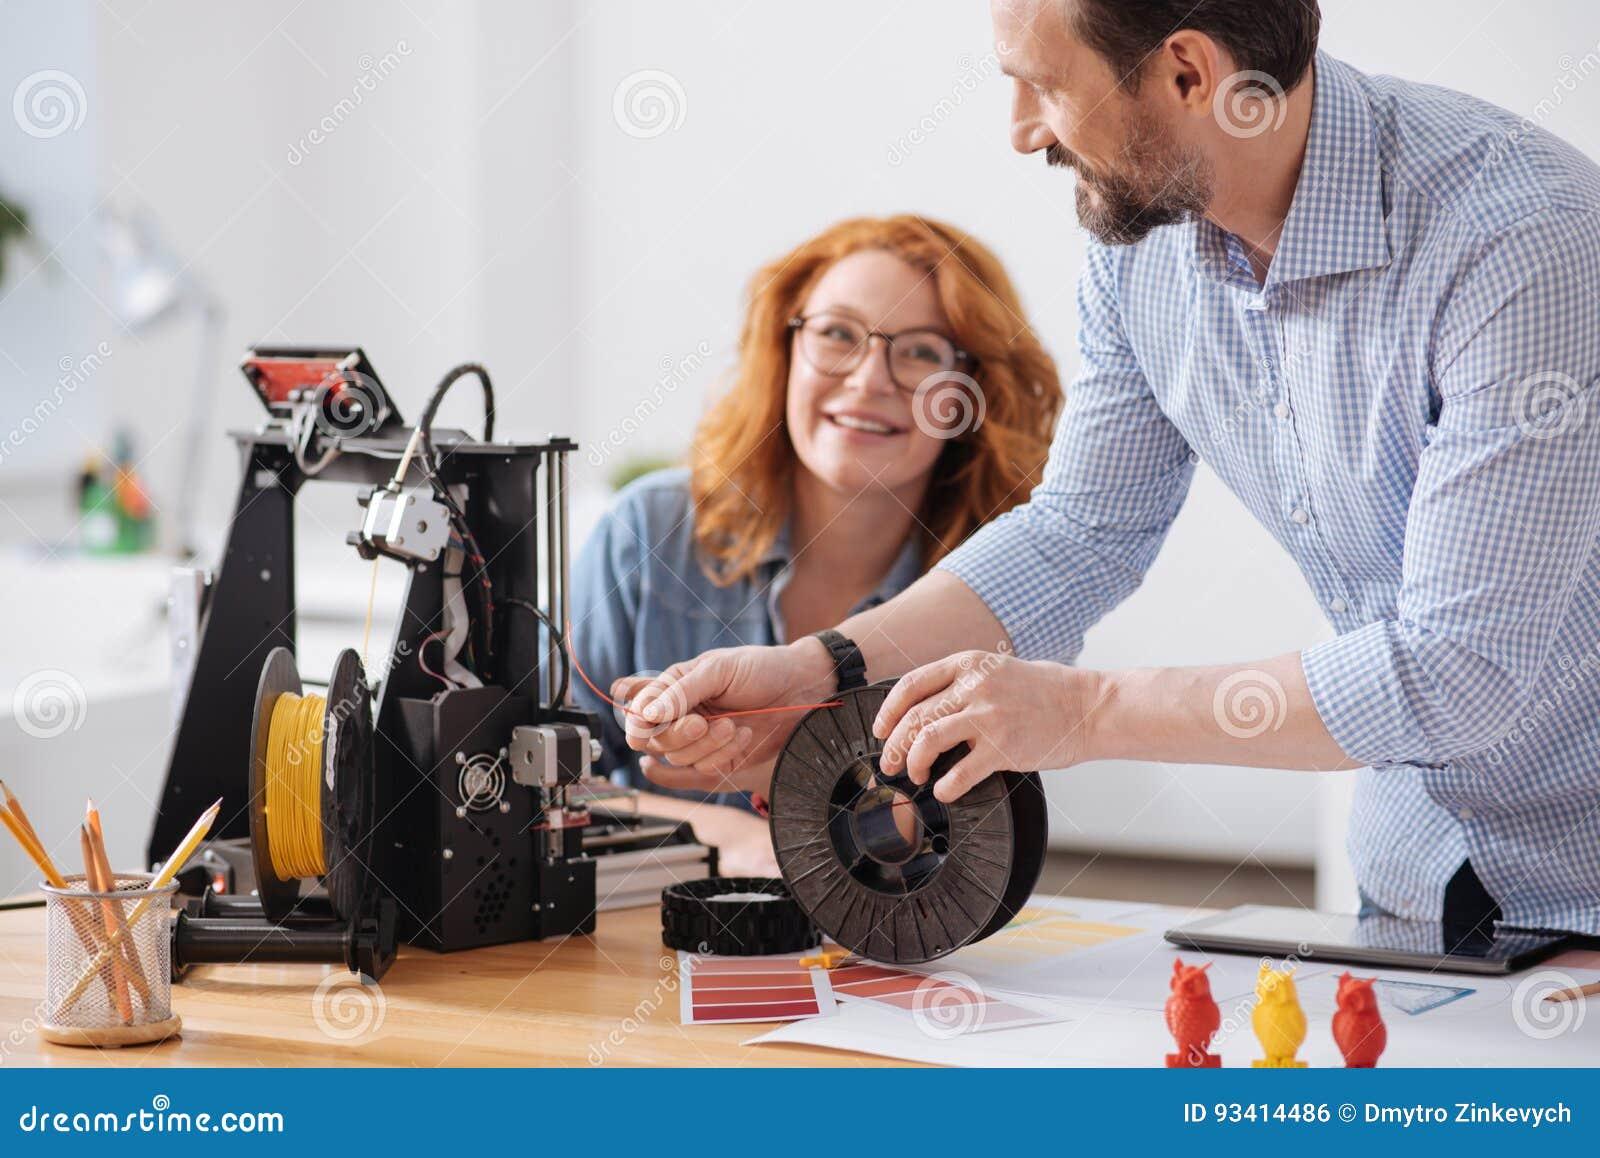 Профессиональная опытная дизайнерская нить загрузки в принтер 3d